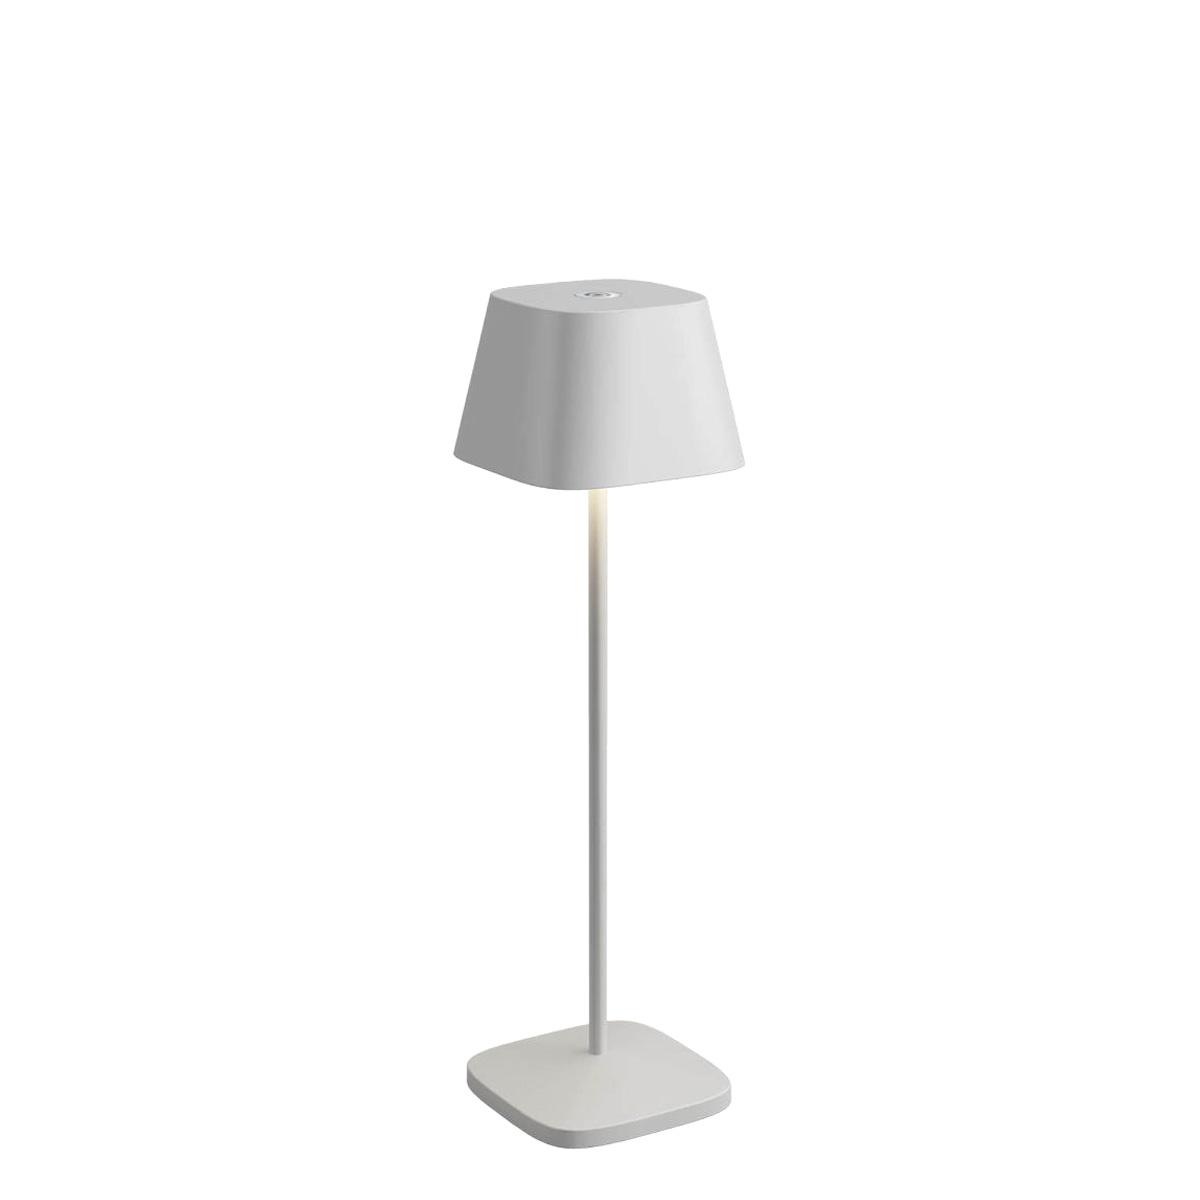 Λευκό επιτραπέζιο φωτιστικό μπαταρίας LA NUIT outdoor – indoor table lamp